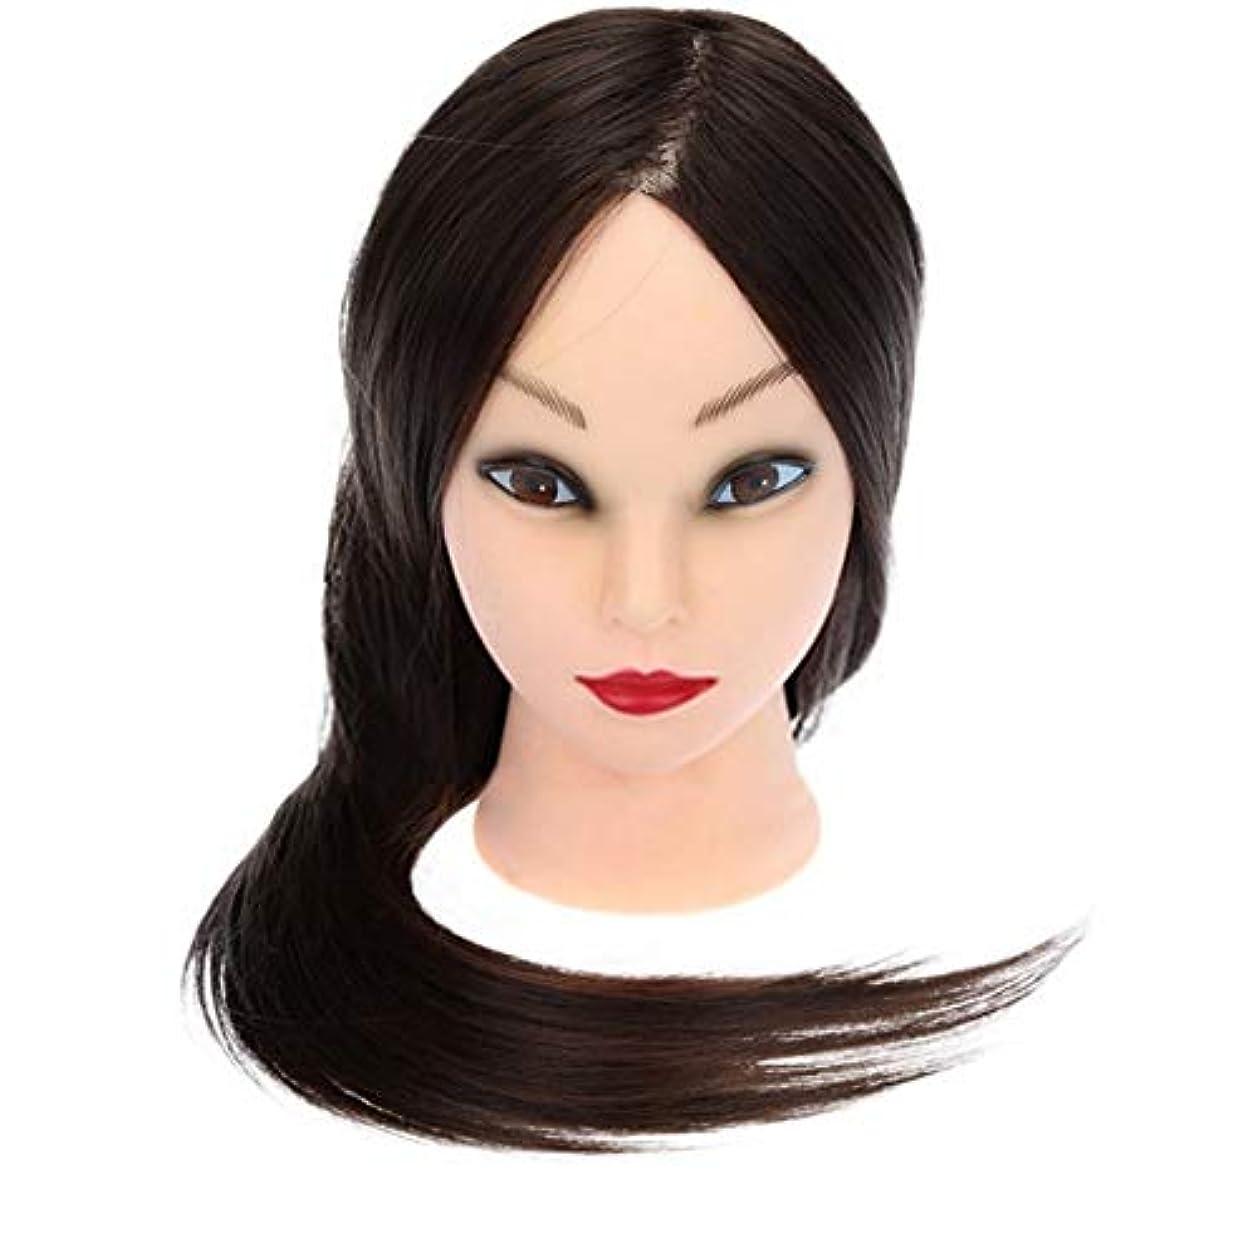 調子酔って口実練習ディスク髪編組ヘアモデル理髪店スクールティーチングヘッドロングかつら美容マネキンヘッド